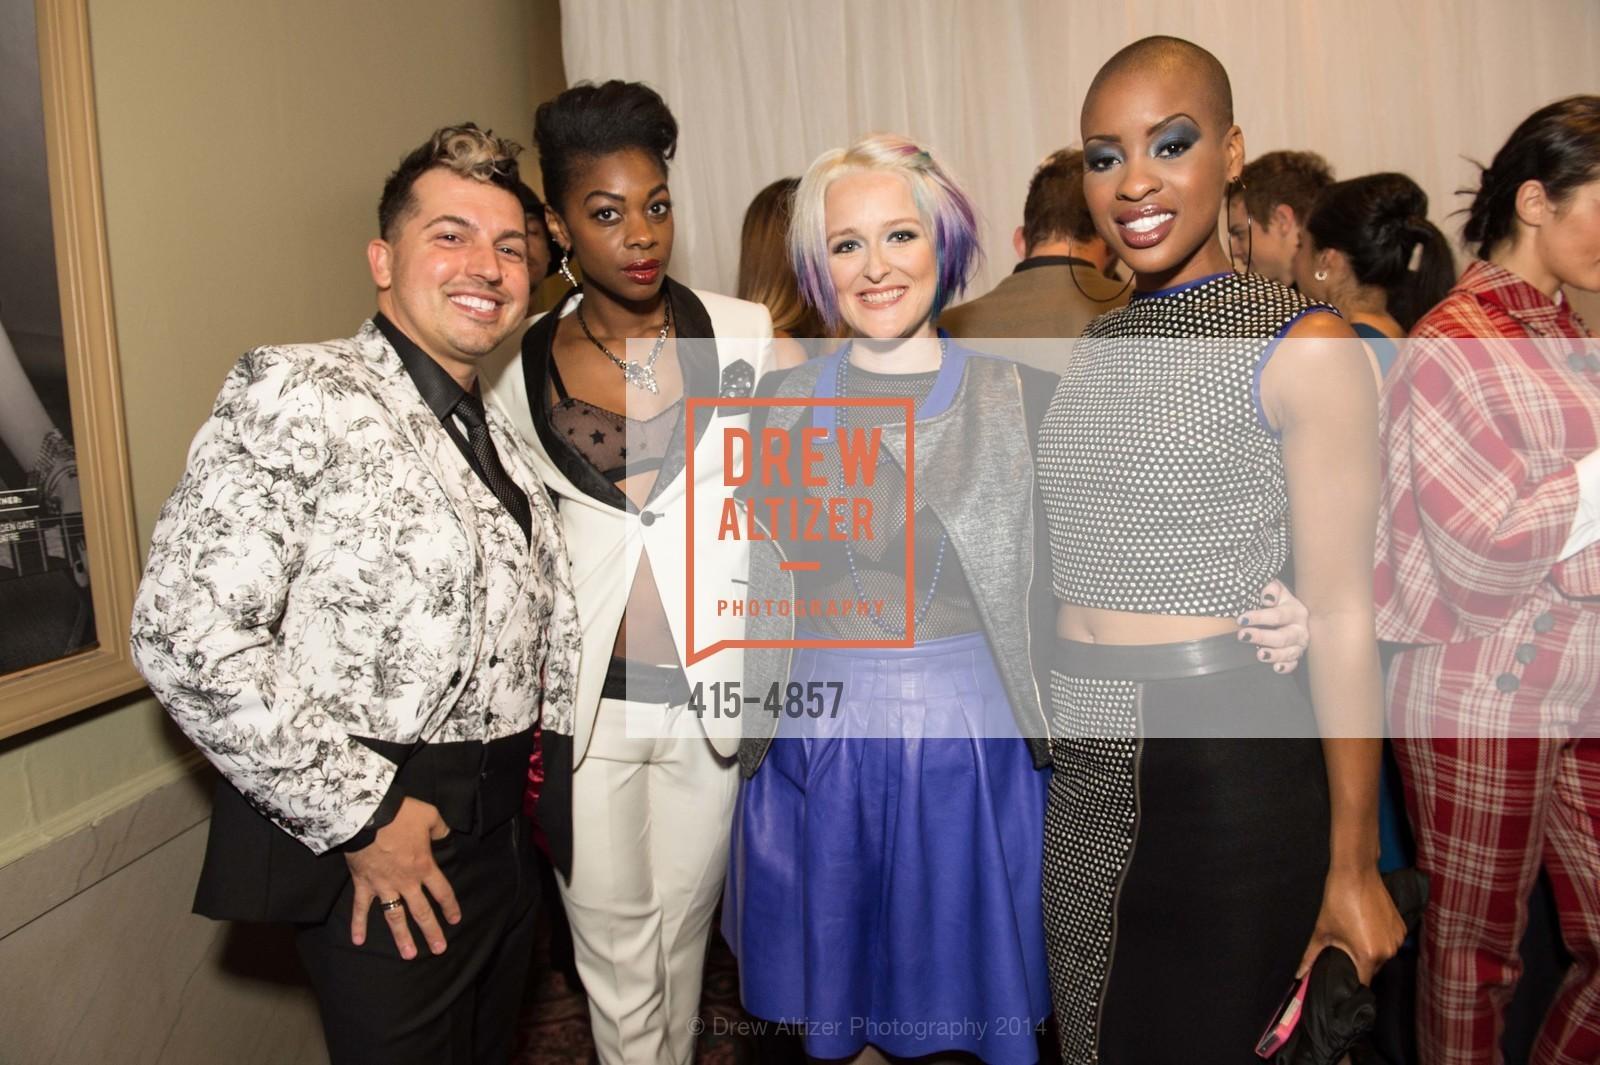 Jake Wall, Melissa Gray, Bethany Meuleners, Shaila Yvonne, Photo #415-4857